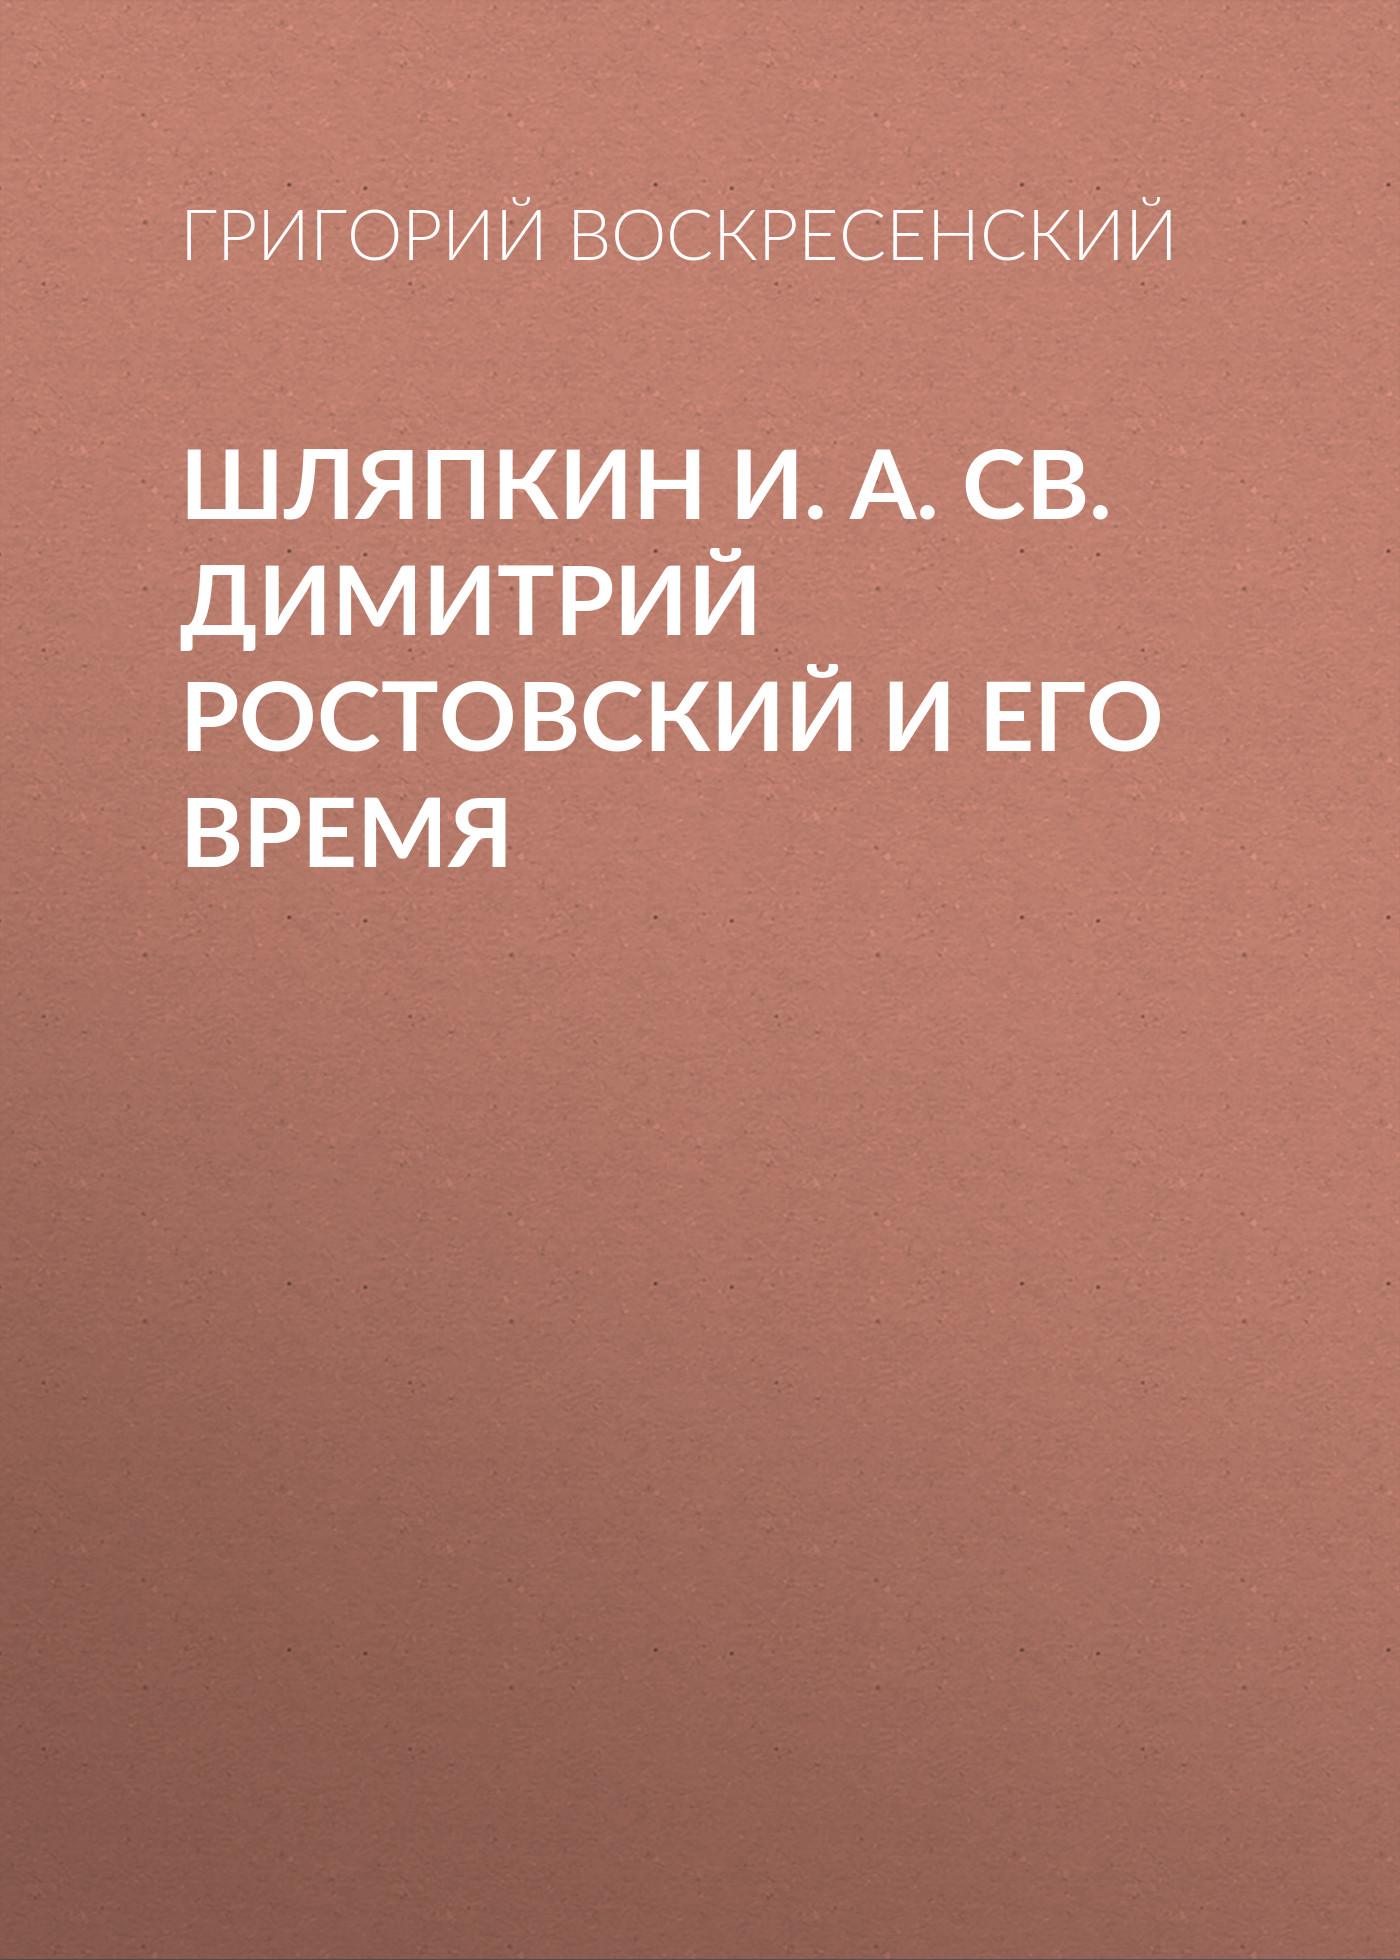 Шляпкин И. А. Св. Димитрий Ростовский и его время